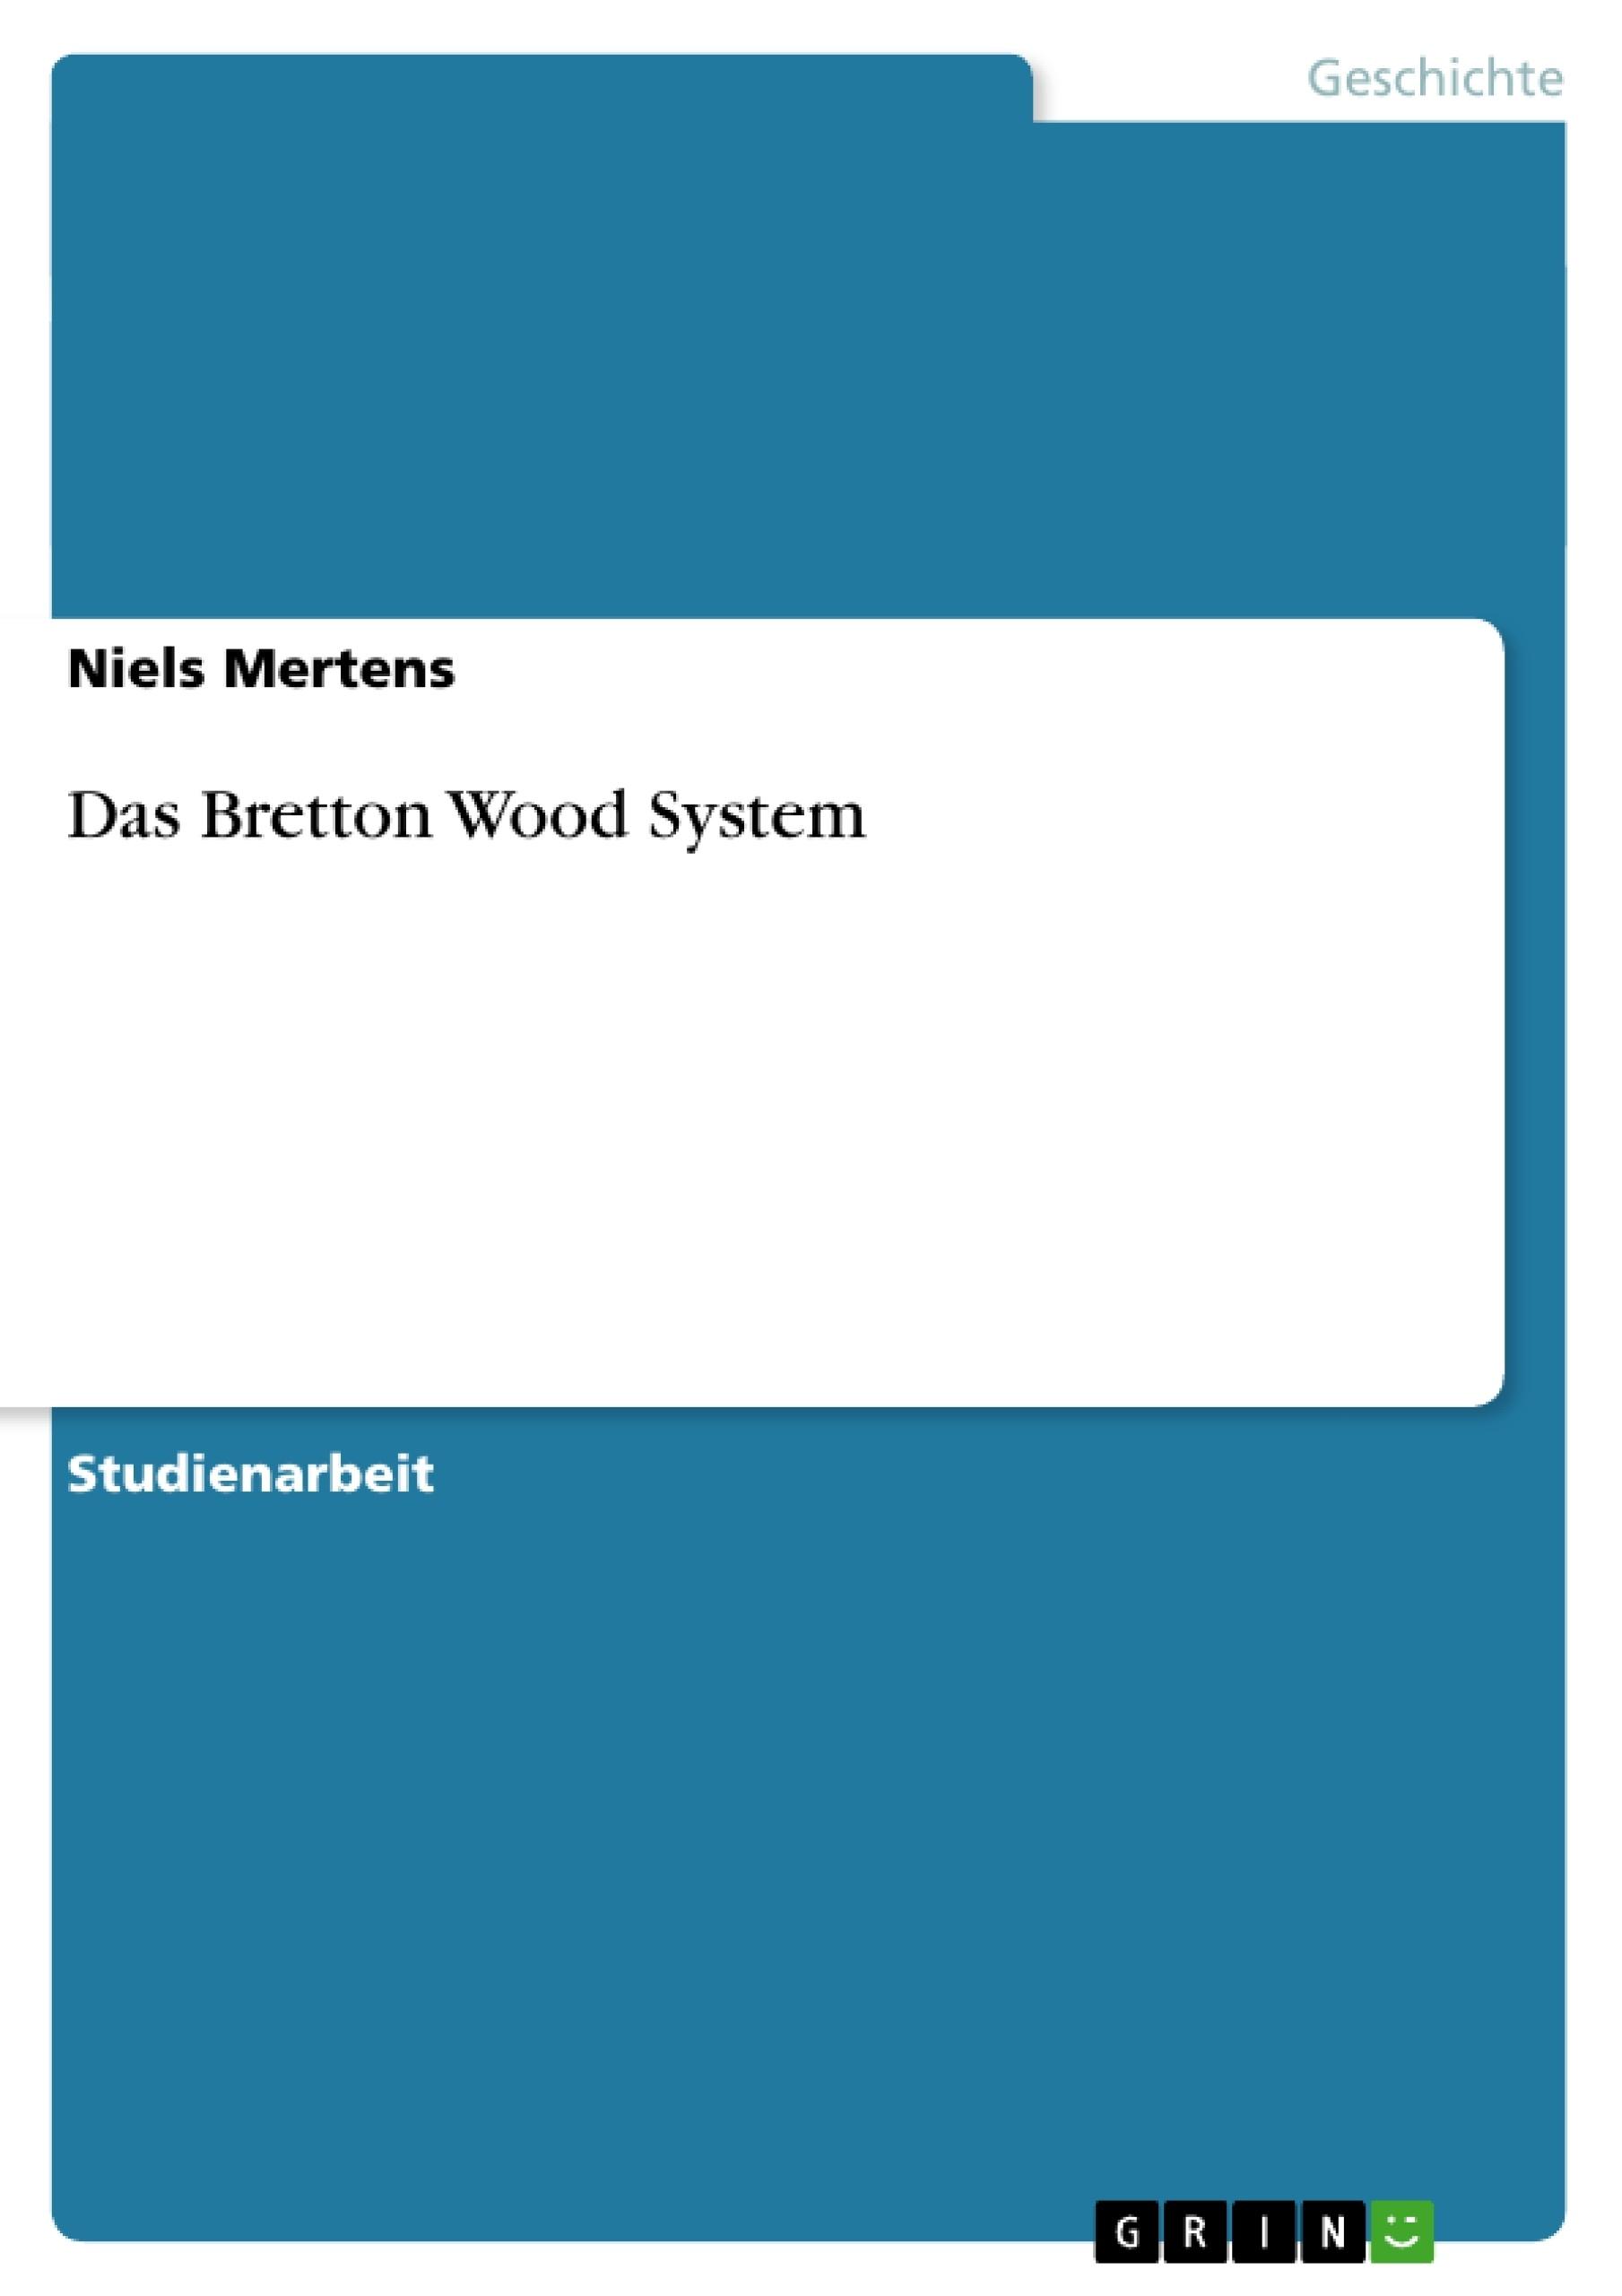 Titel: Das Bretton Wood System